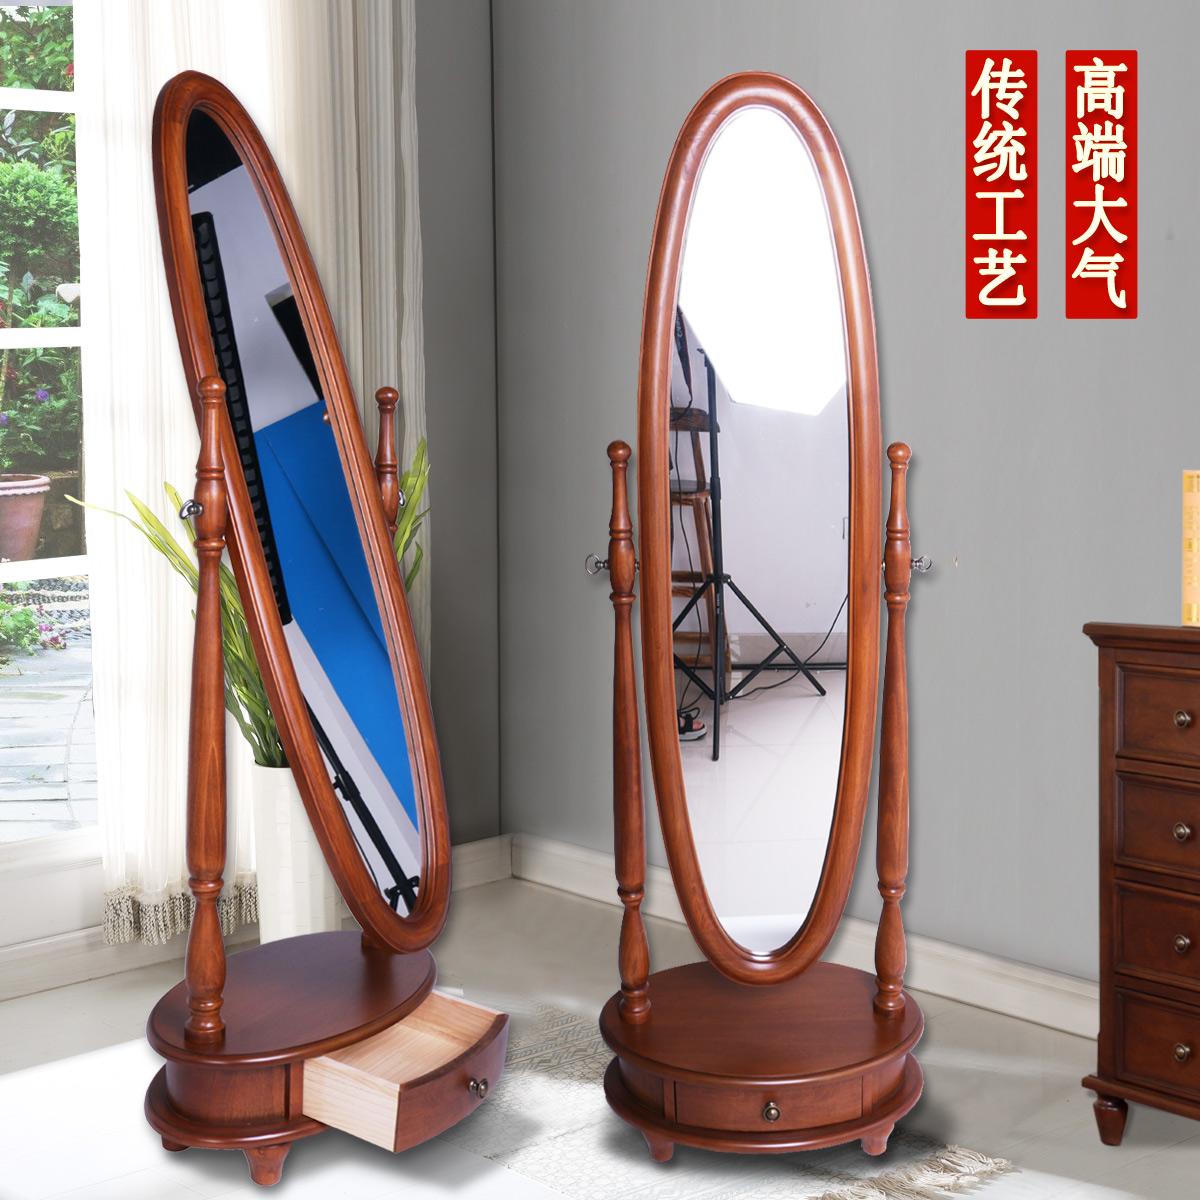 美式乡村实木落地穿衣镜收纳复古落地镜试衣换衣镜子收纳家具